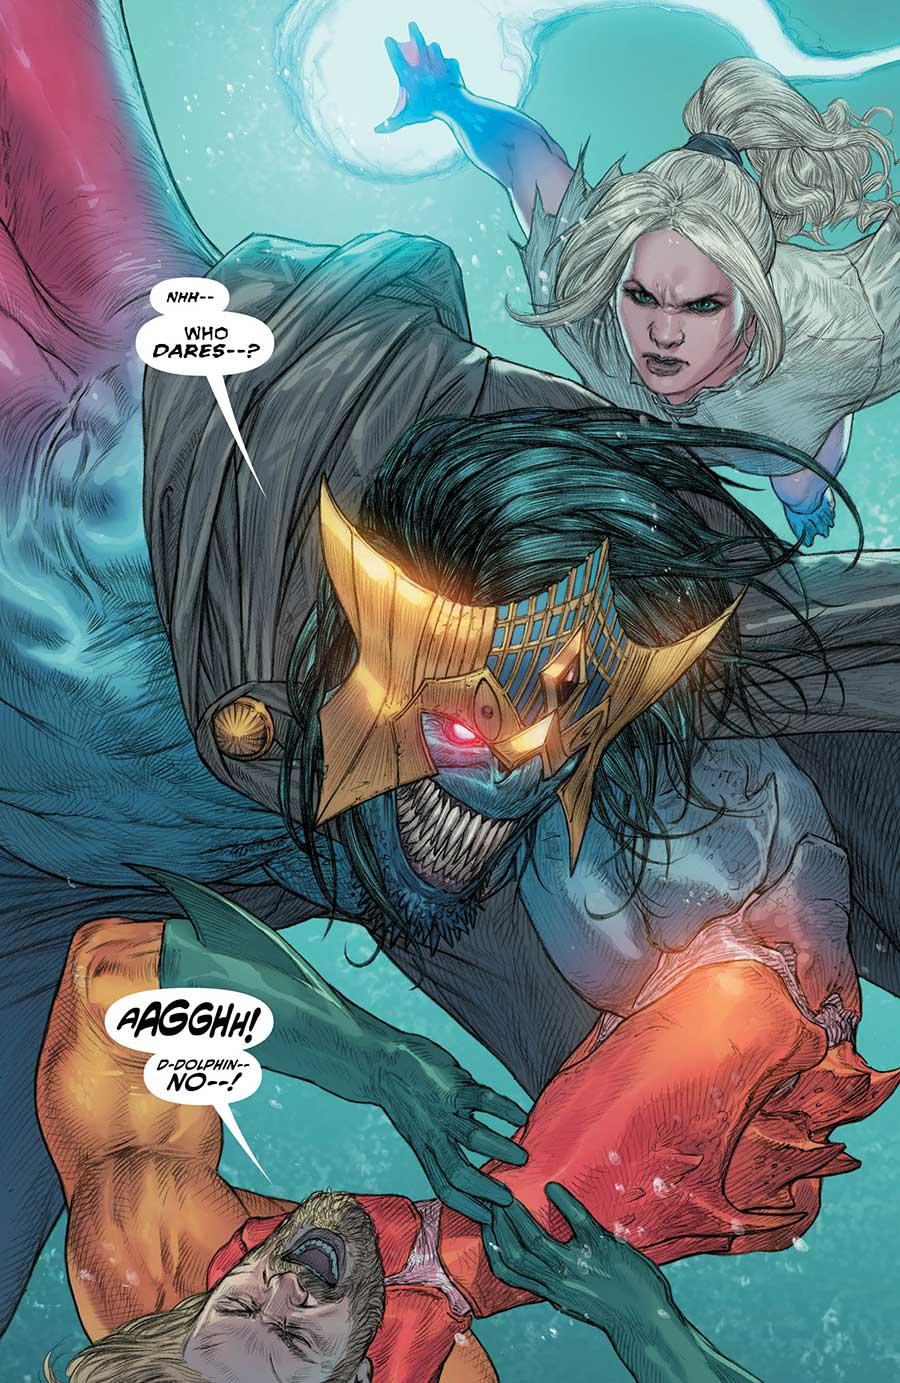 Aquaman 38-2 - DC Comics News